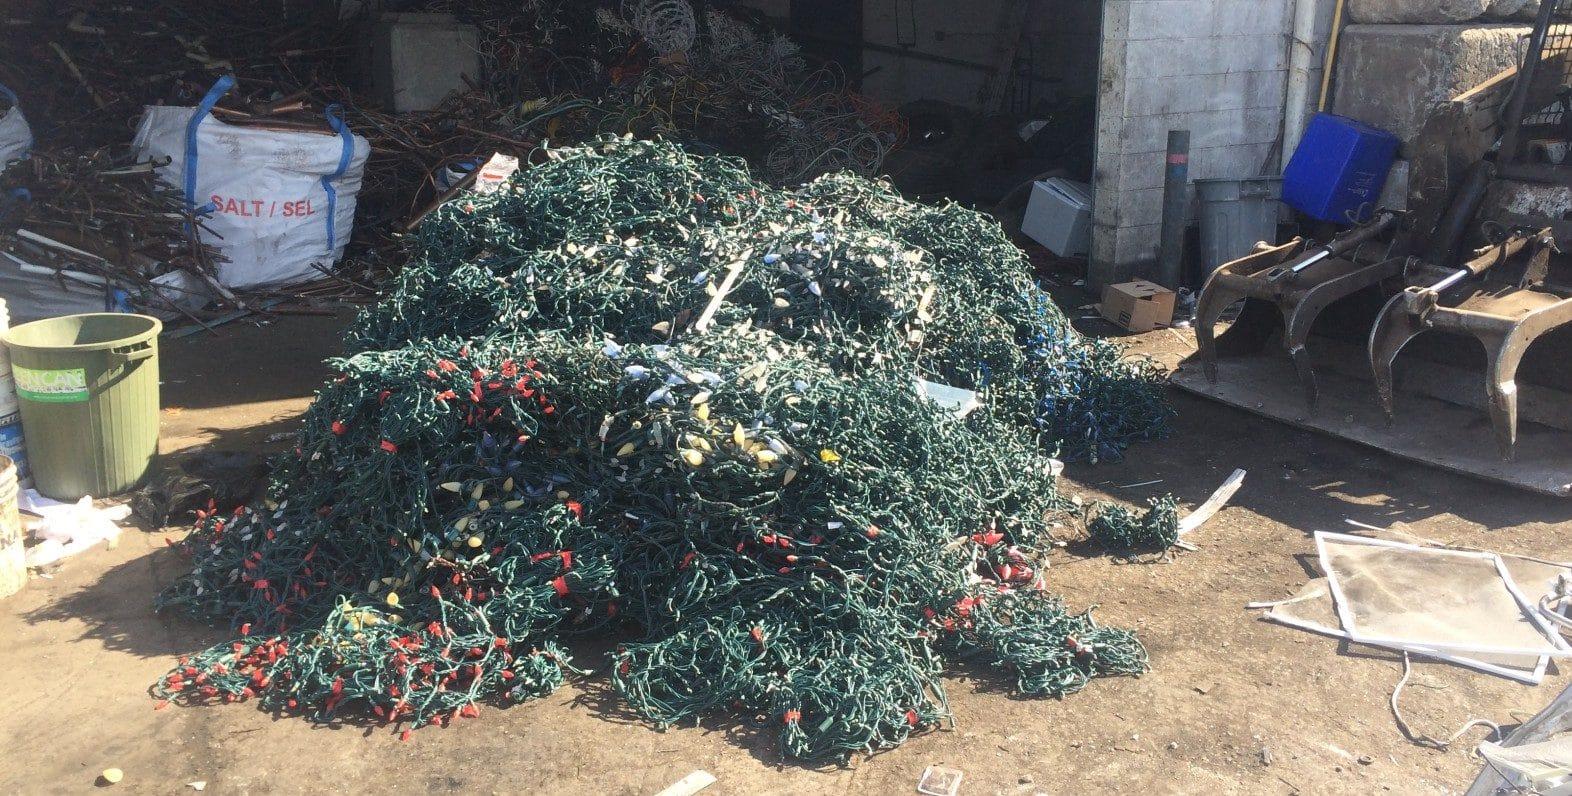 Recycled Christmas Lighting - 2500lb